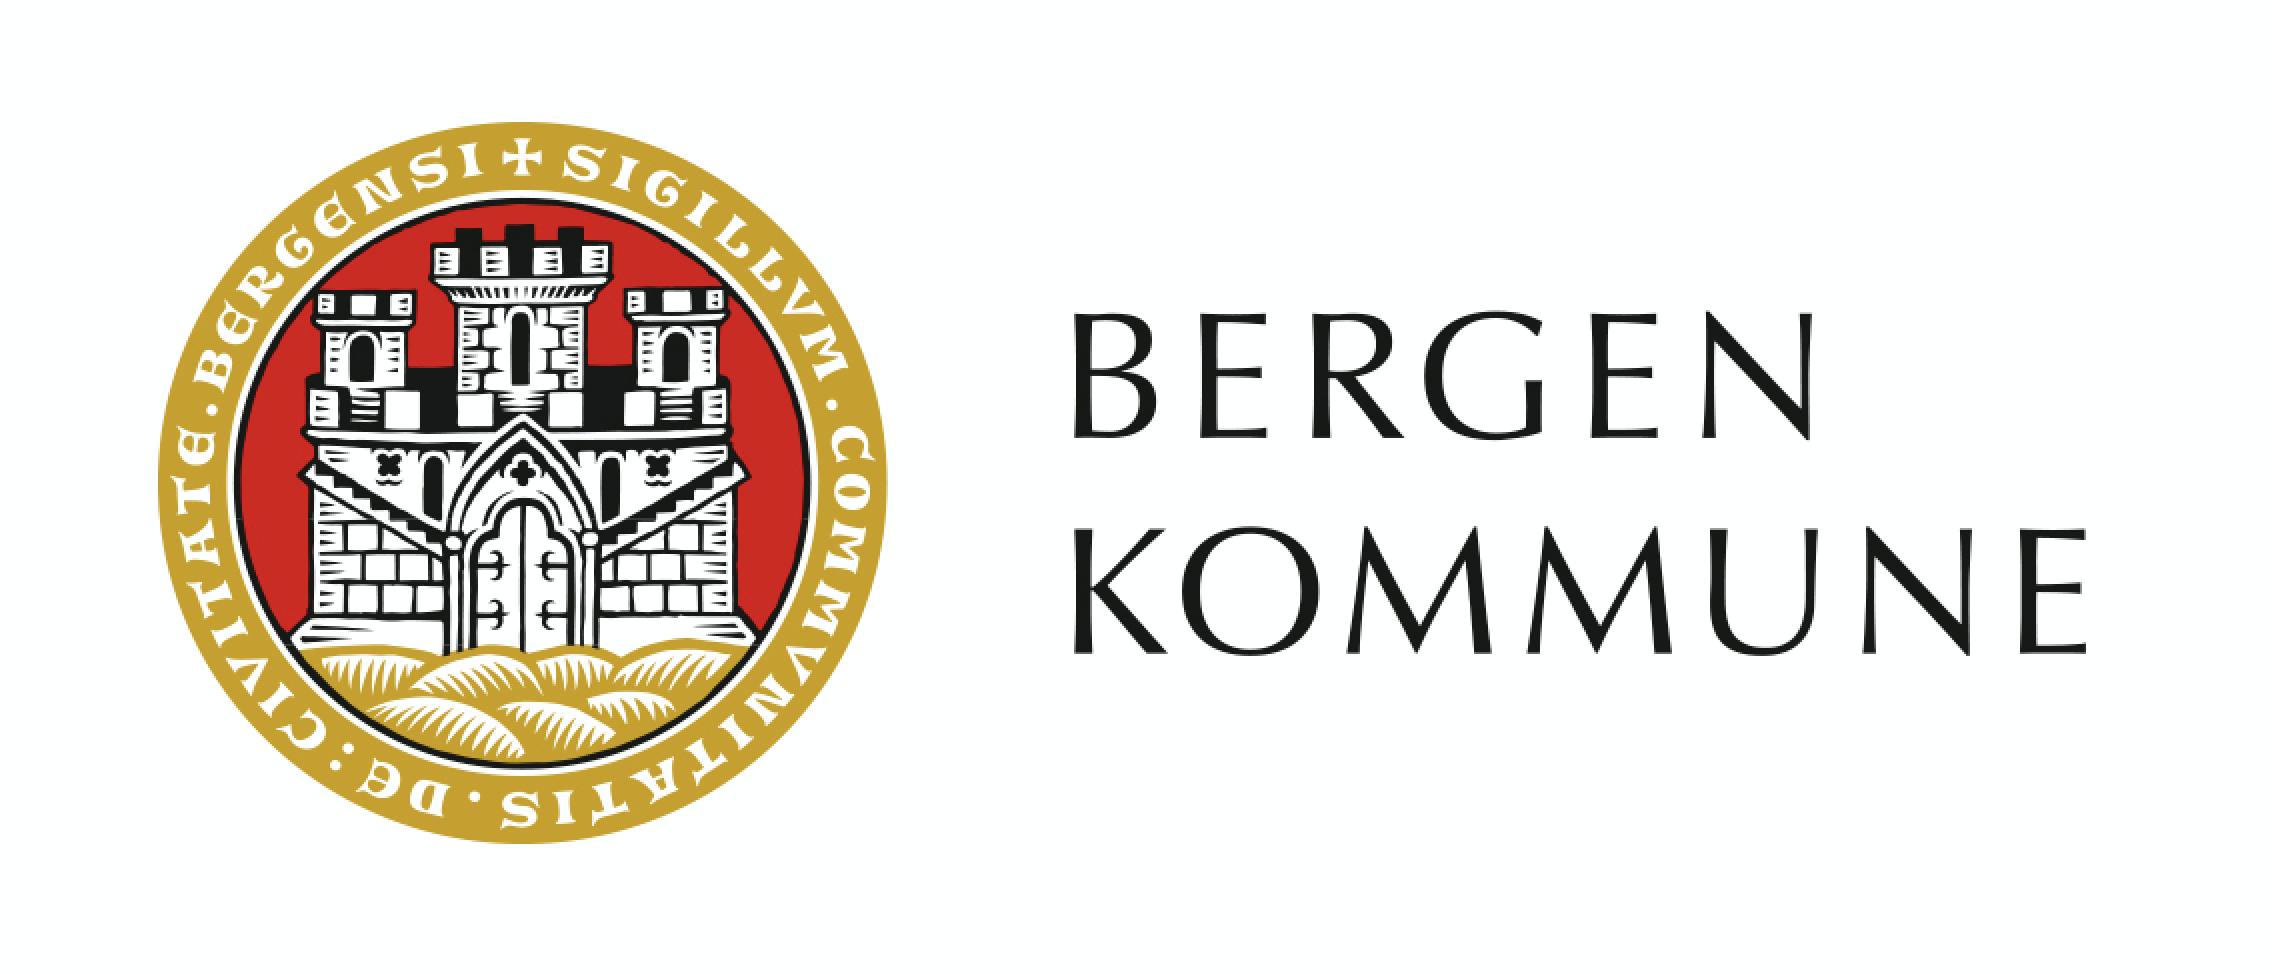 Bergen Kommune er vår viktigste økonomiske bidragsyter. Takk for støtten!